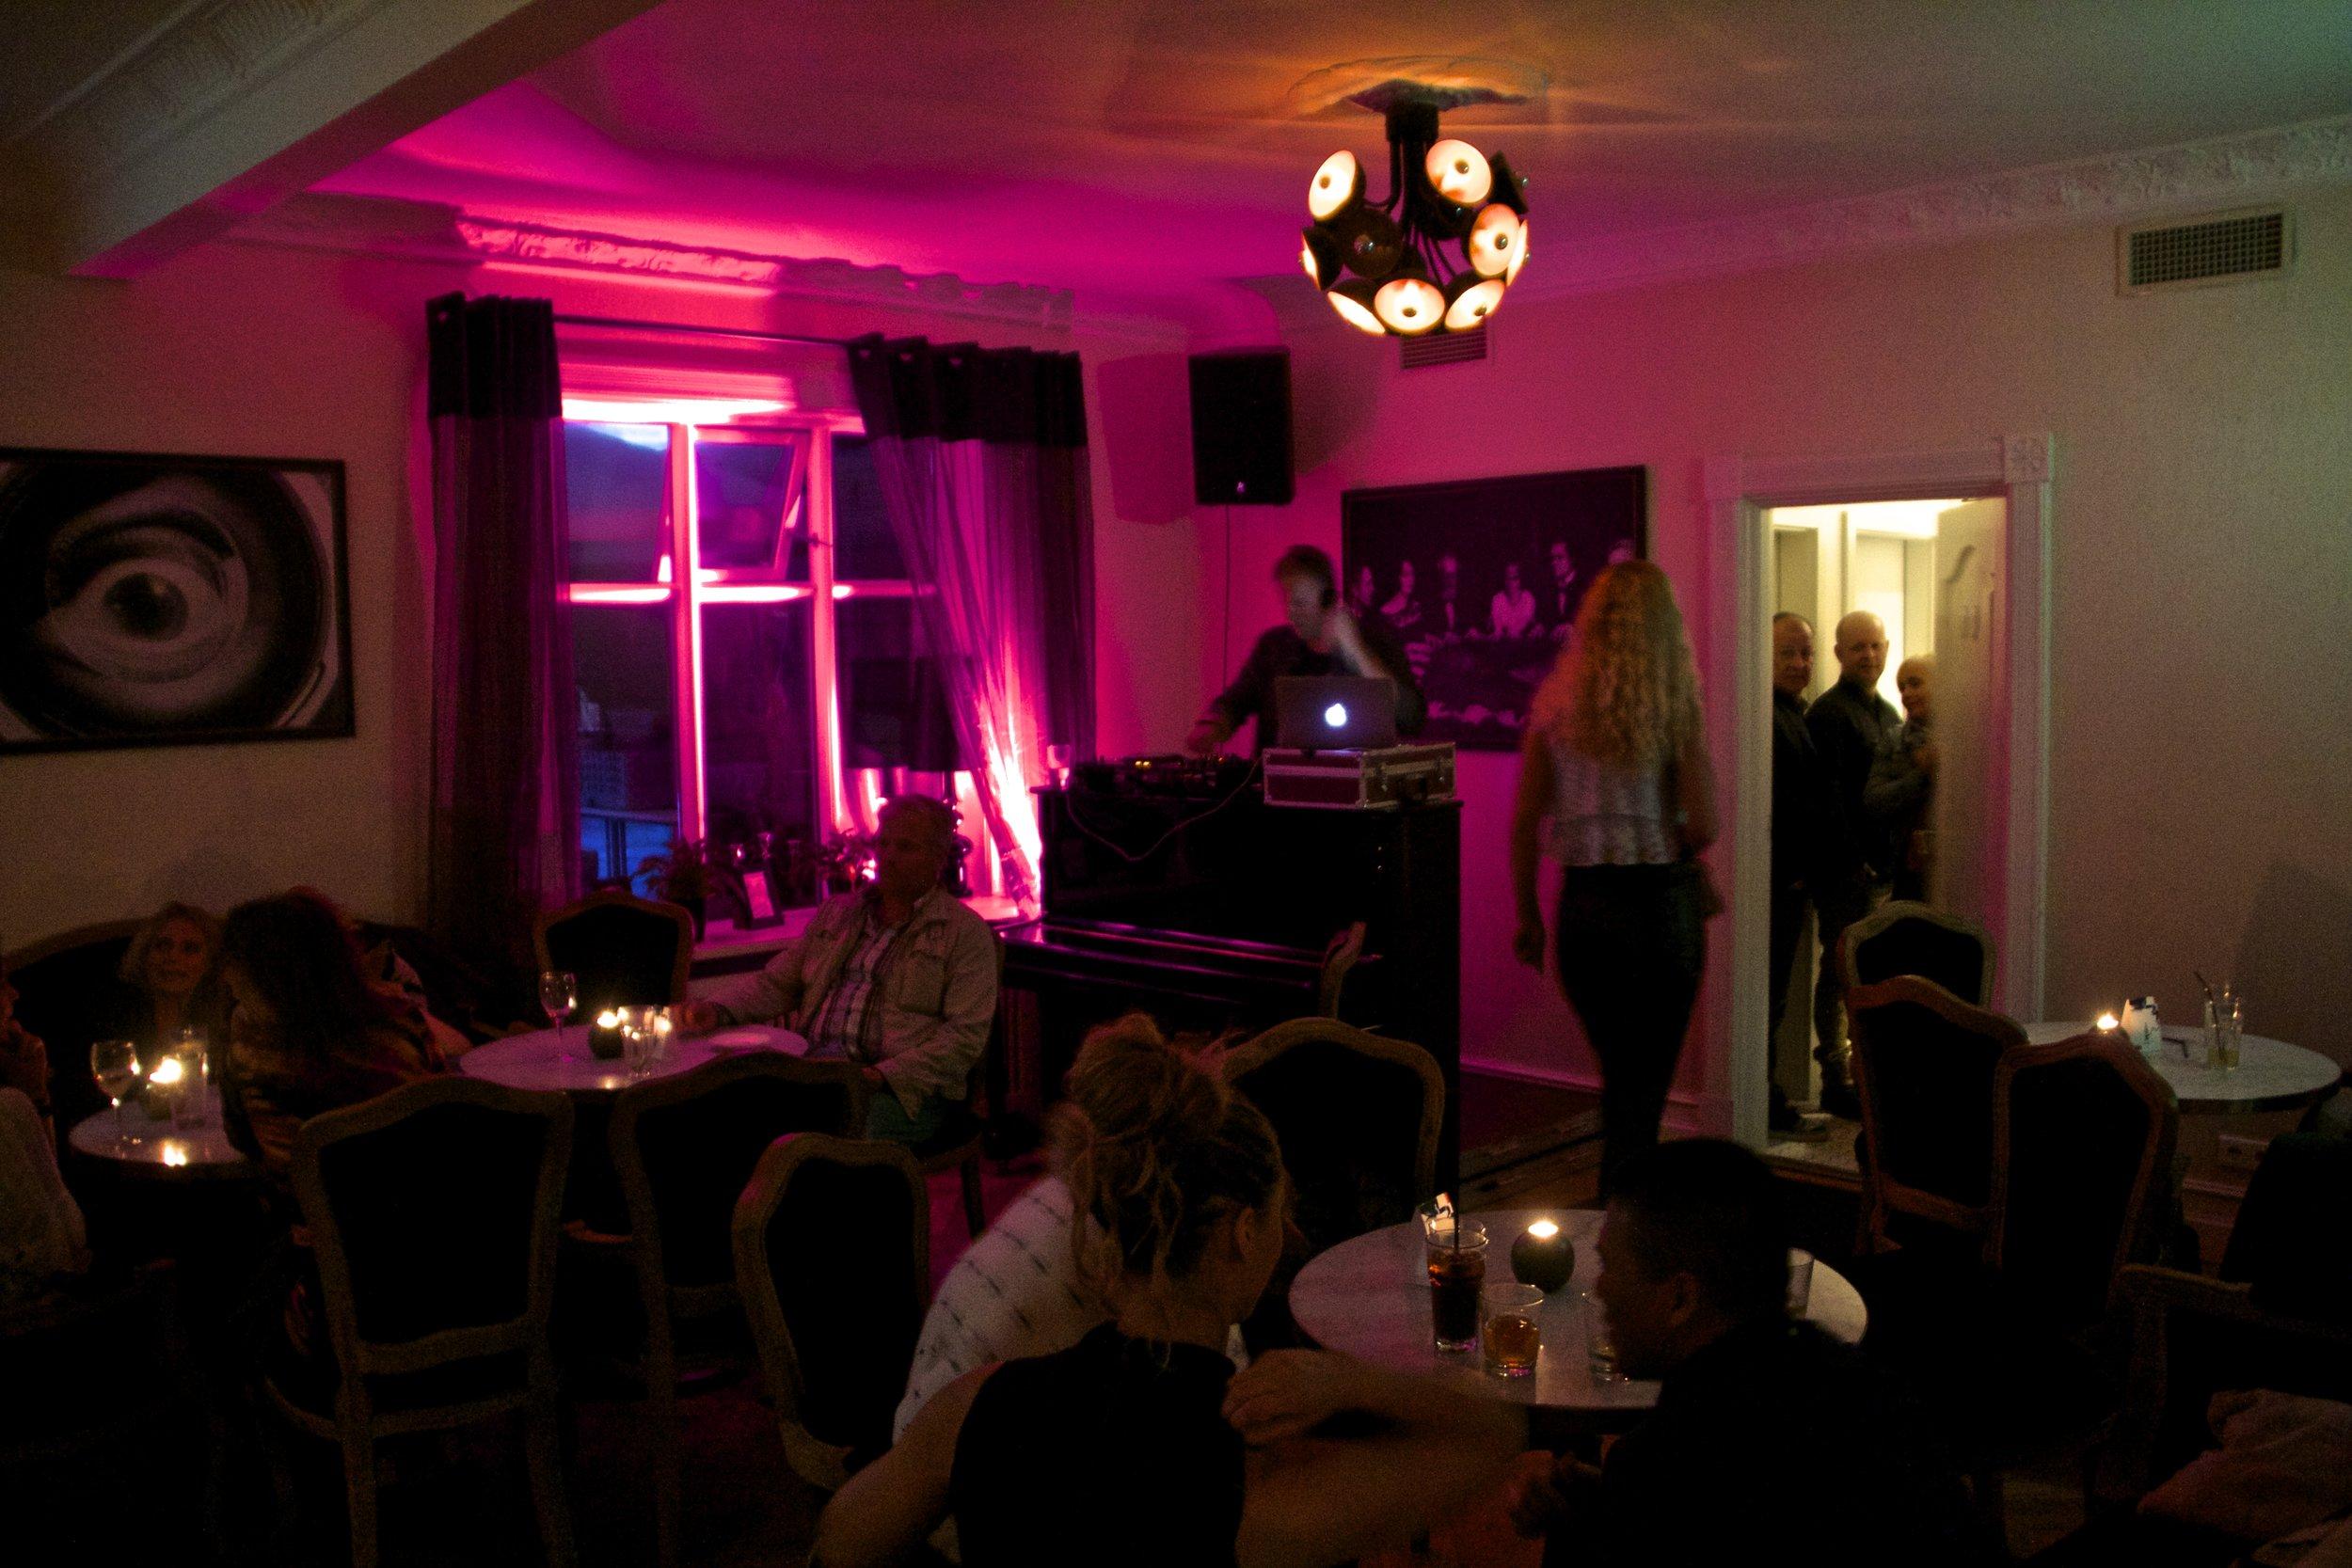 reykjavik nightlife roof top lounge 3.jpg